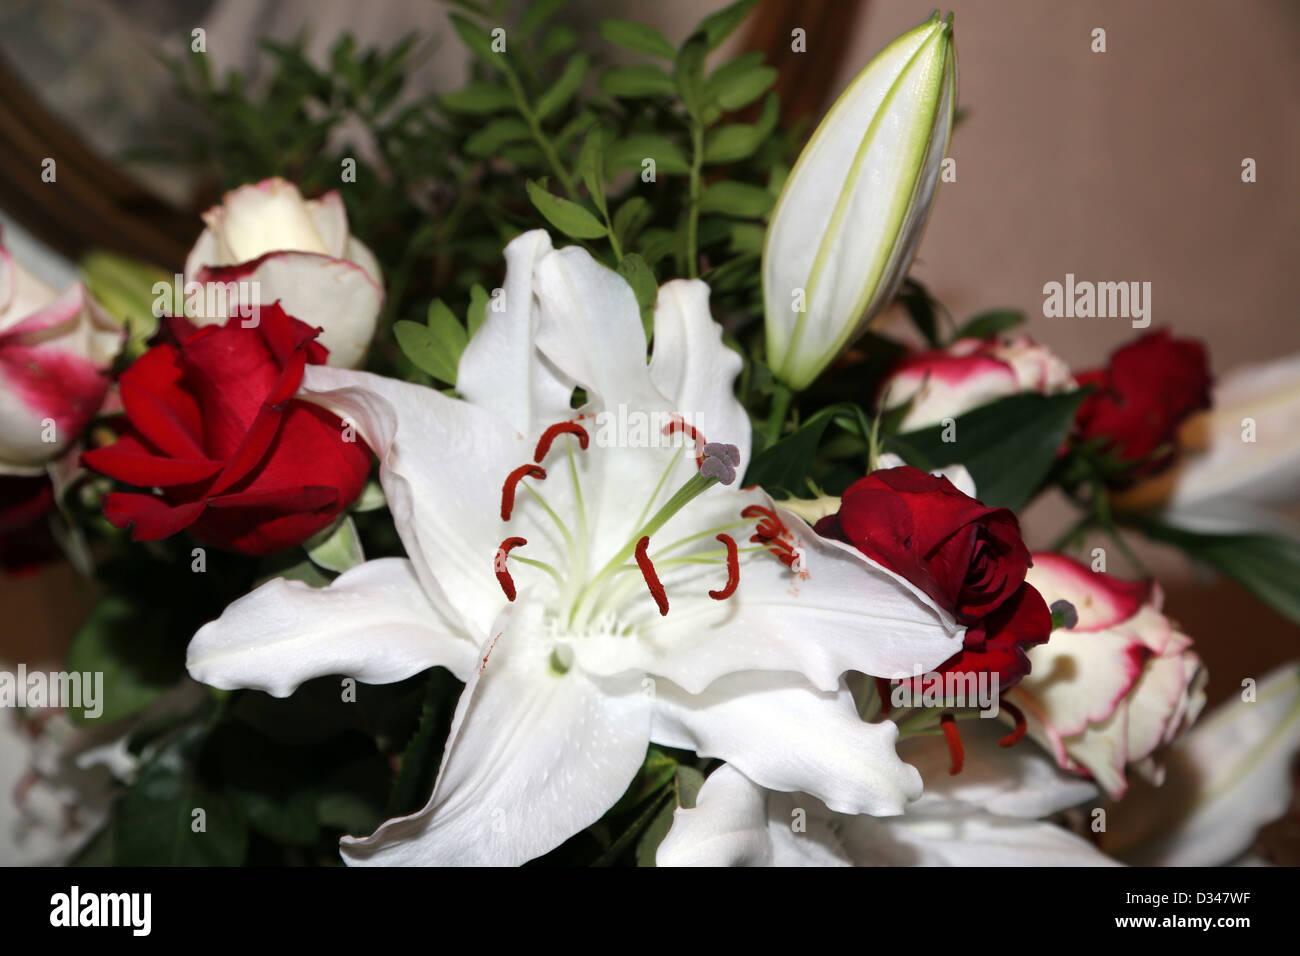 Ein Bukett von Rosen und Lilien Stockbild